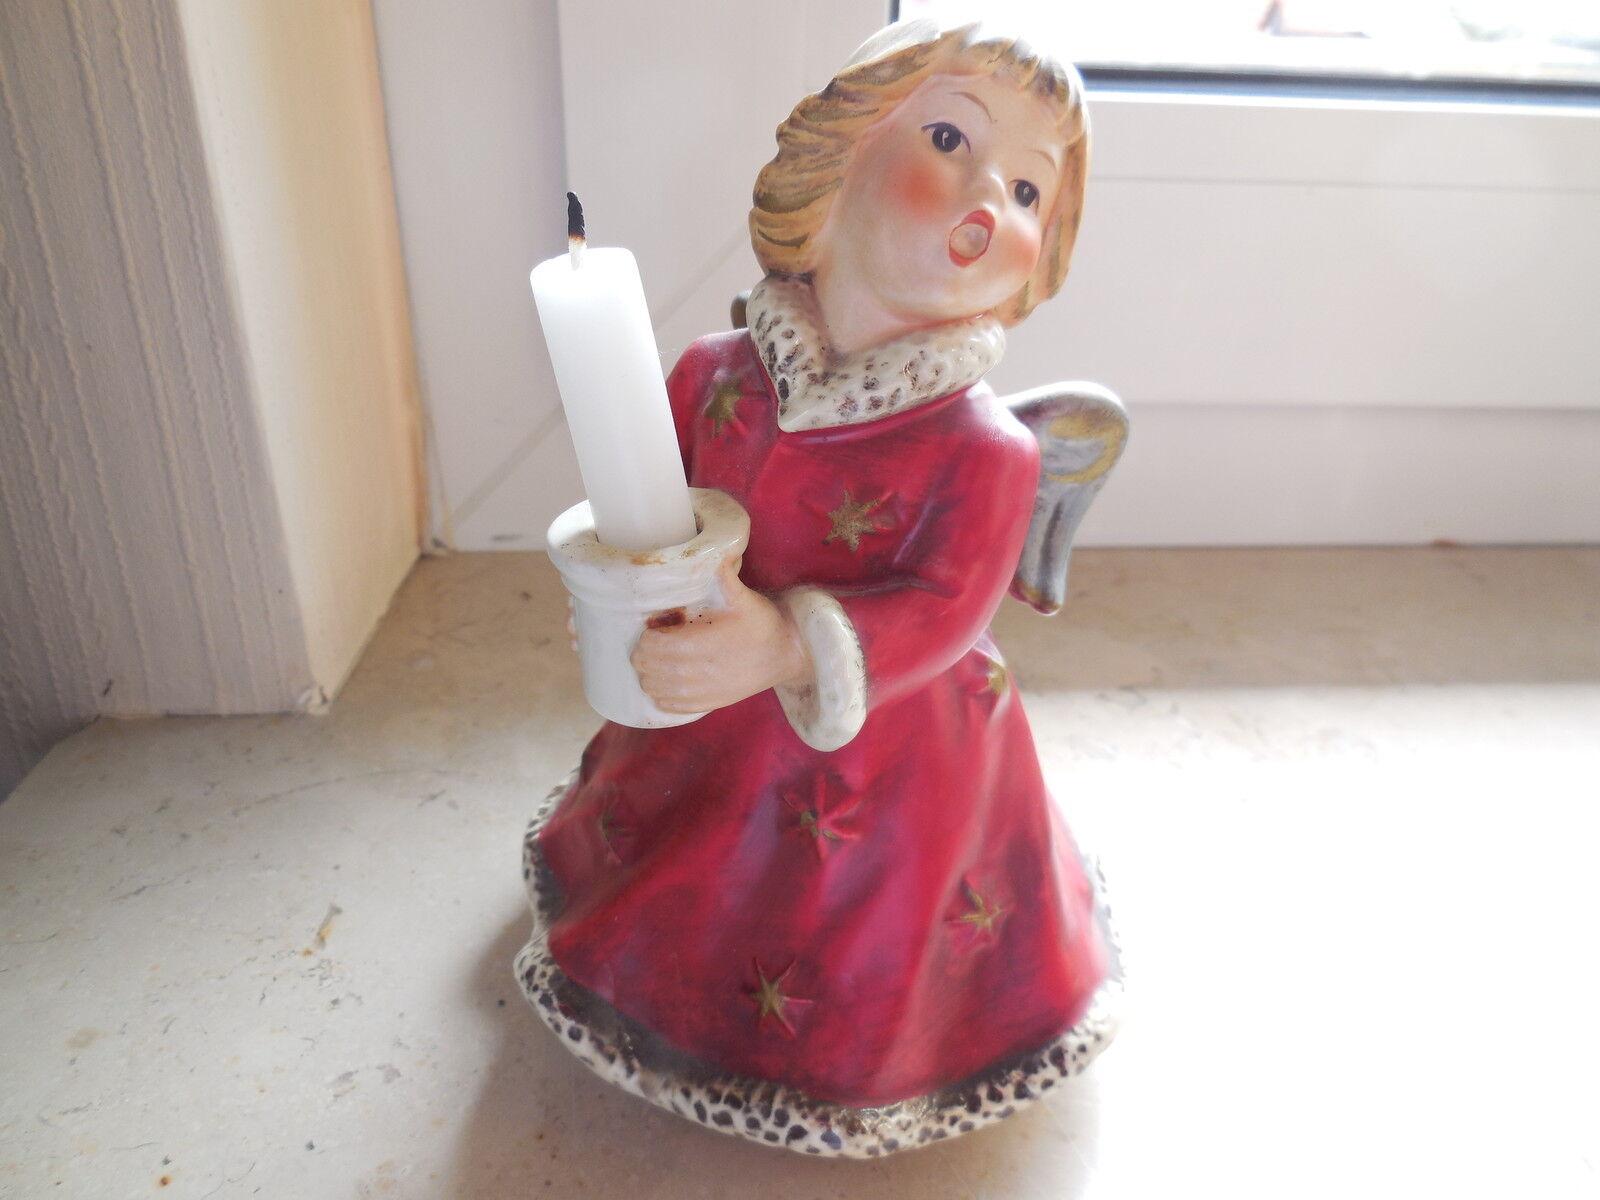 Goebel, Weihnachtsengel, rot, HX328, 1966 mit Musik, Kerzenhalter 16cm gebraucht | Bequeme Berührung